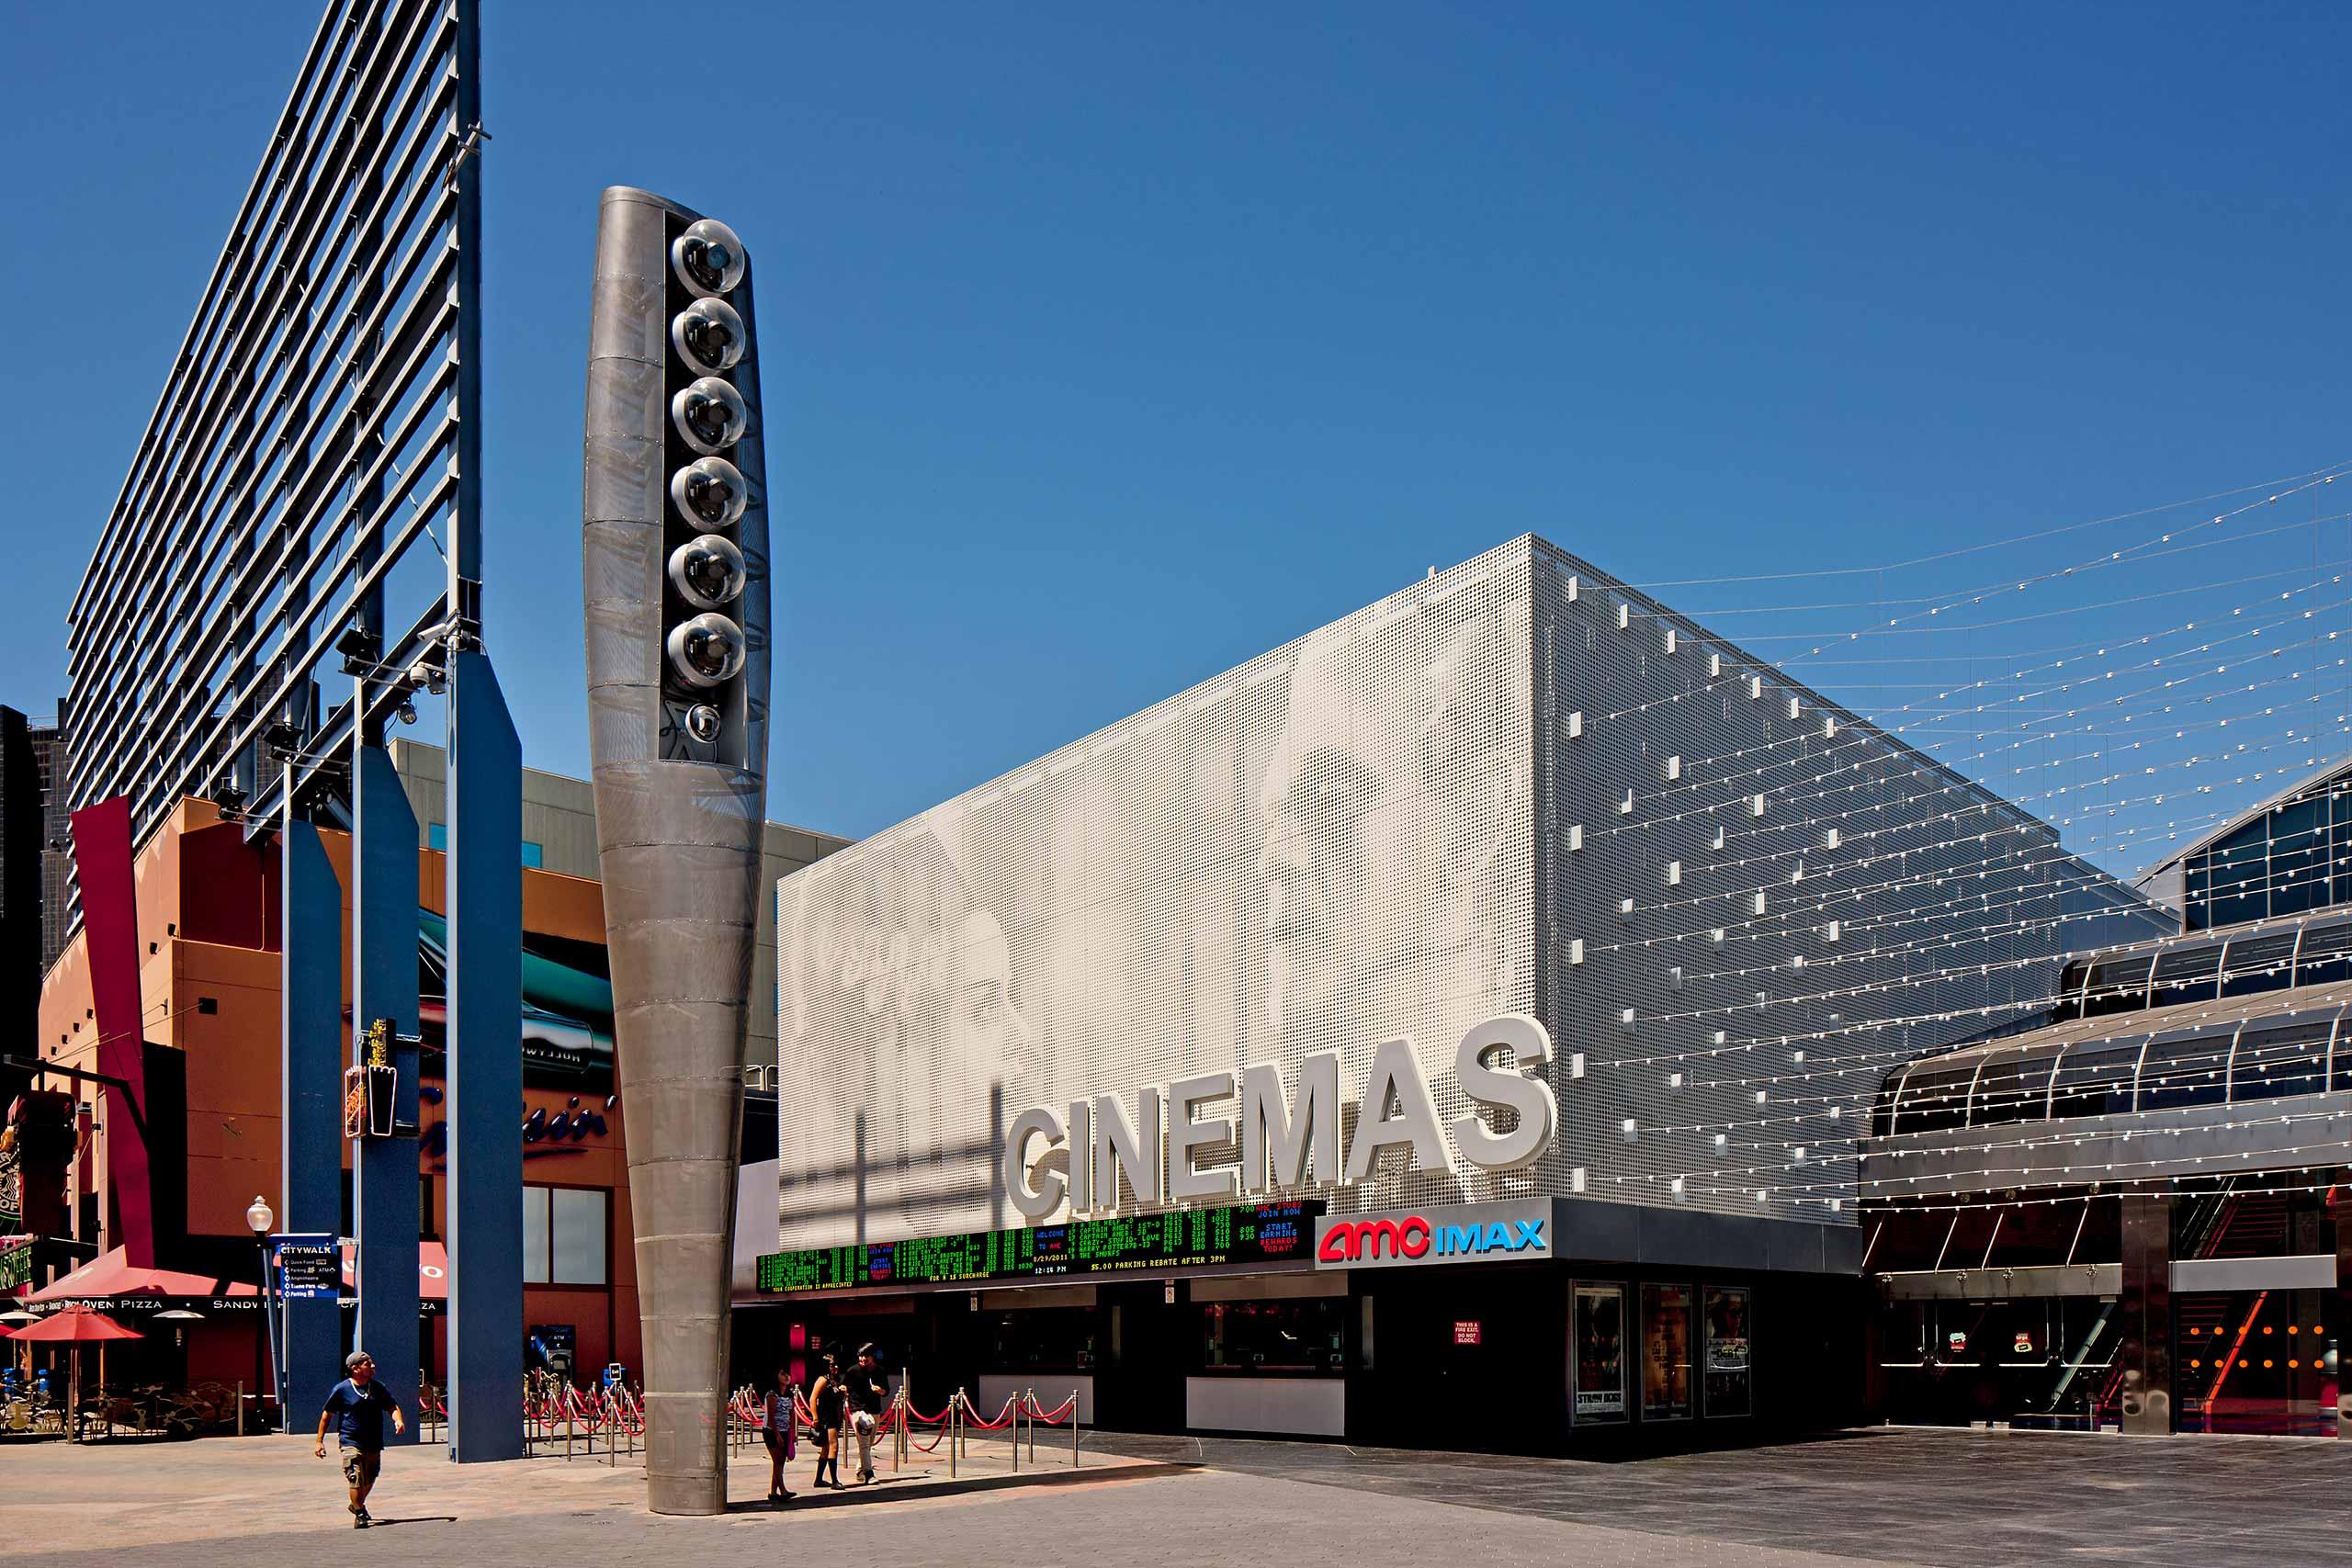 Universal Cineplex RIOS plaza CityWalk